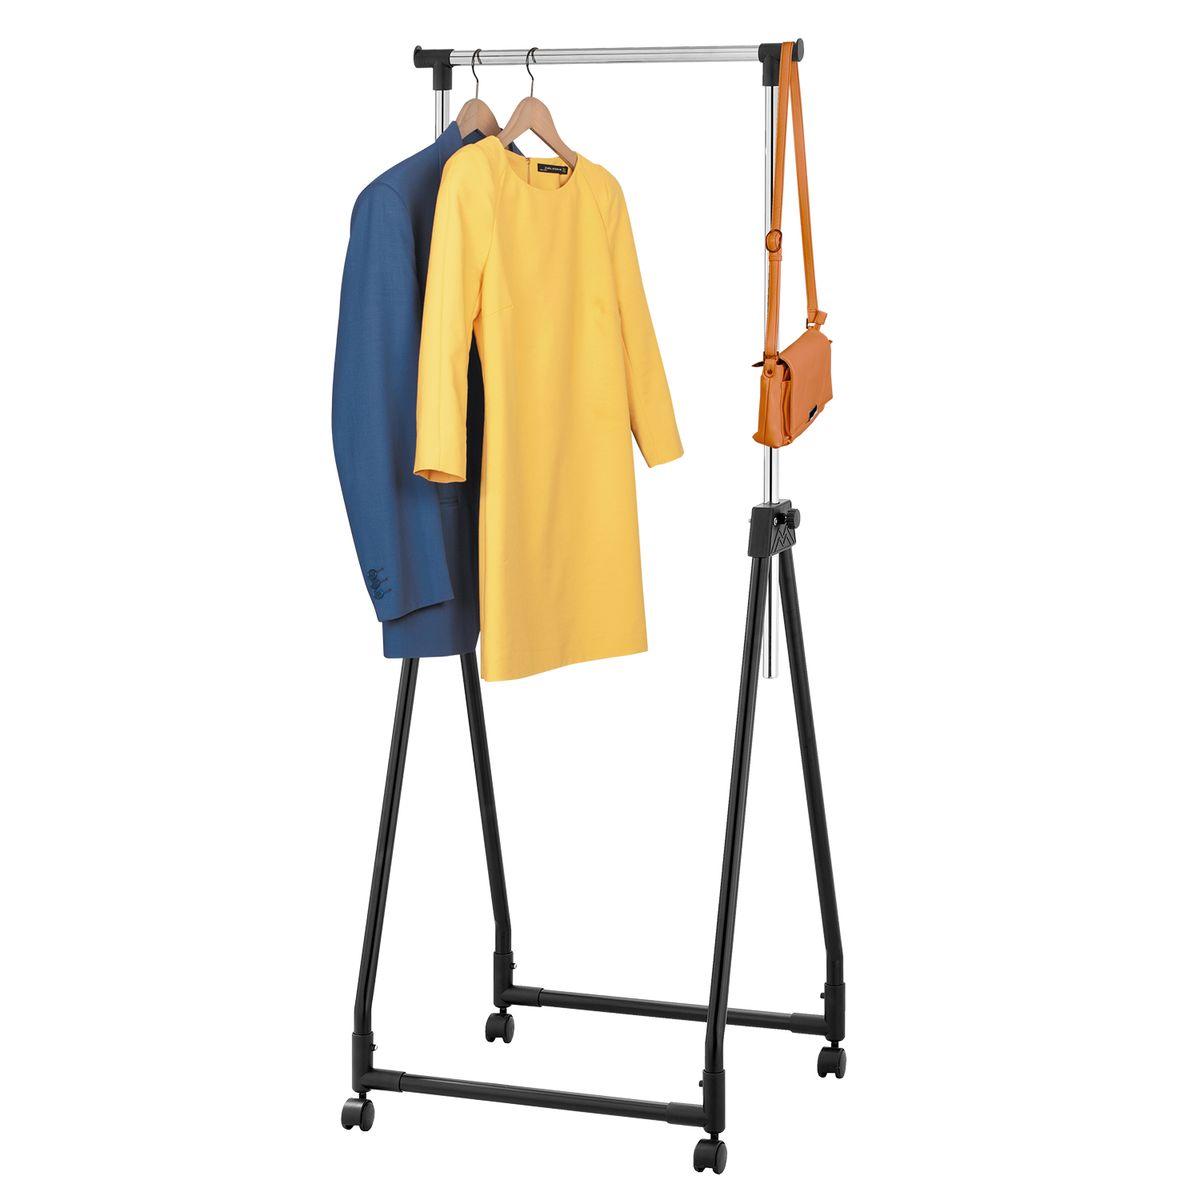 Стойка для одежды Tatkraft Swift, складная , цвет: черныйCLP446Складная стойка для одежды Tatkraft Swift выполнена из хромированной и окрашенной стали. Имеет надежные зажимы, боковые крючки. Вмещает до 15 вешалок, распределенный вес по длине штанги - 15 кг. Сложенная стойка легко размещается: в шкафу, за дверью, в багажнике.